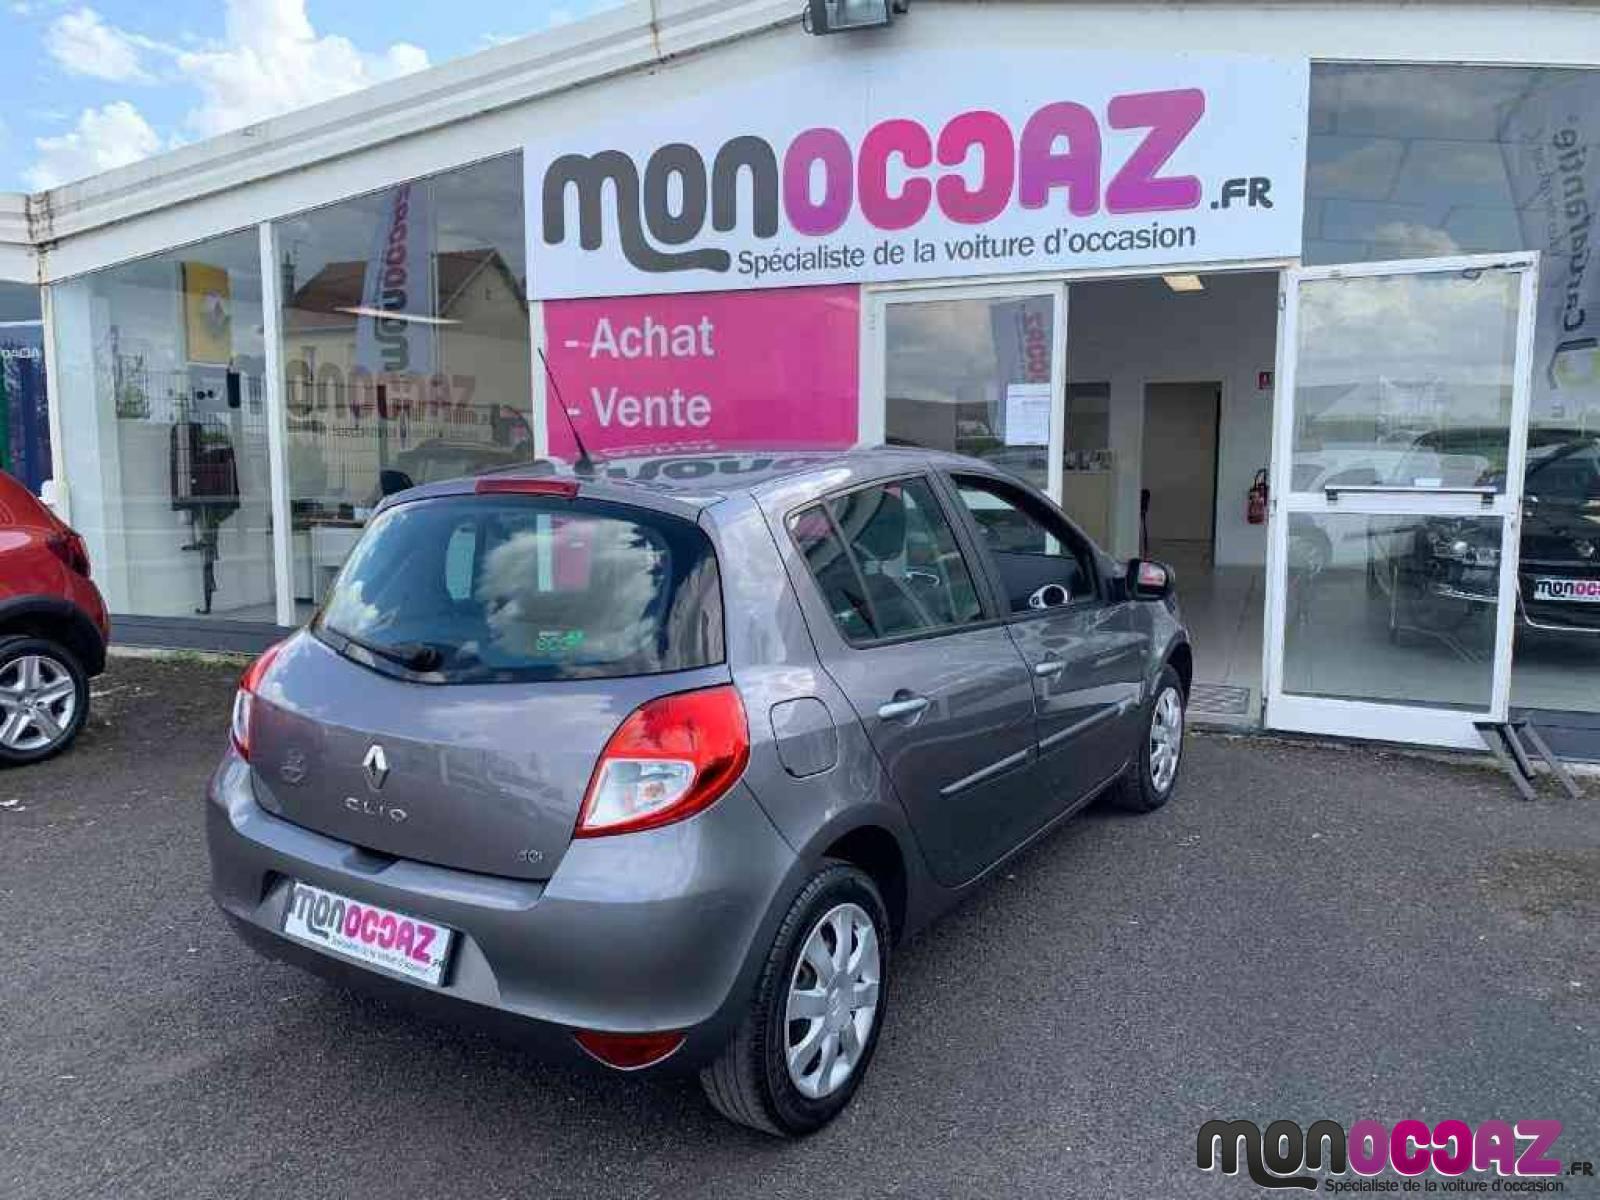 RENAULT Clio III dCi 75 eco2 - véhicule d'occasion - MonOccaz.fr - MonOccaz.fr - 89140 - Pont-sur-Yonne - 3